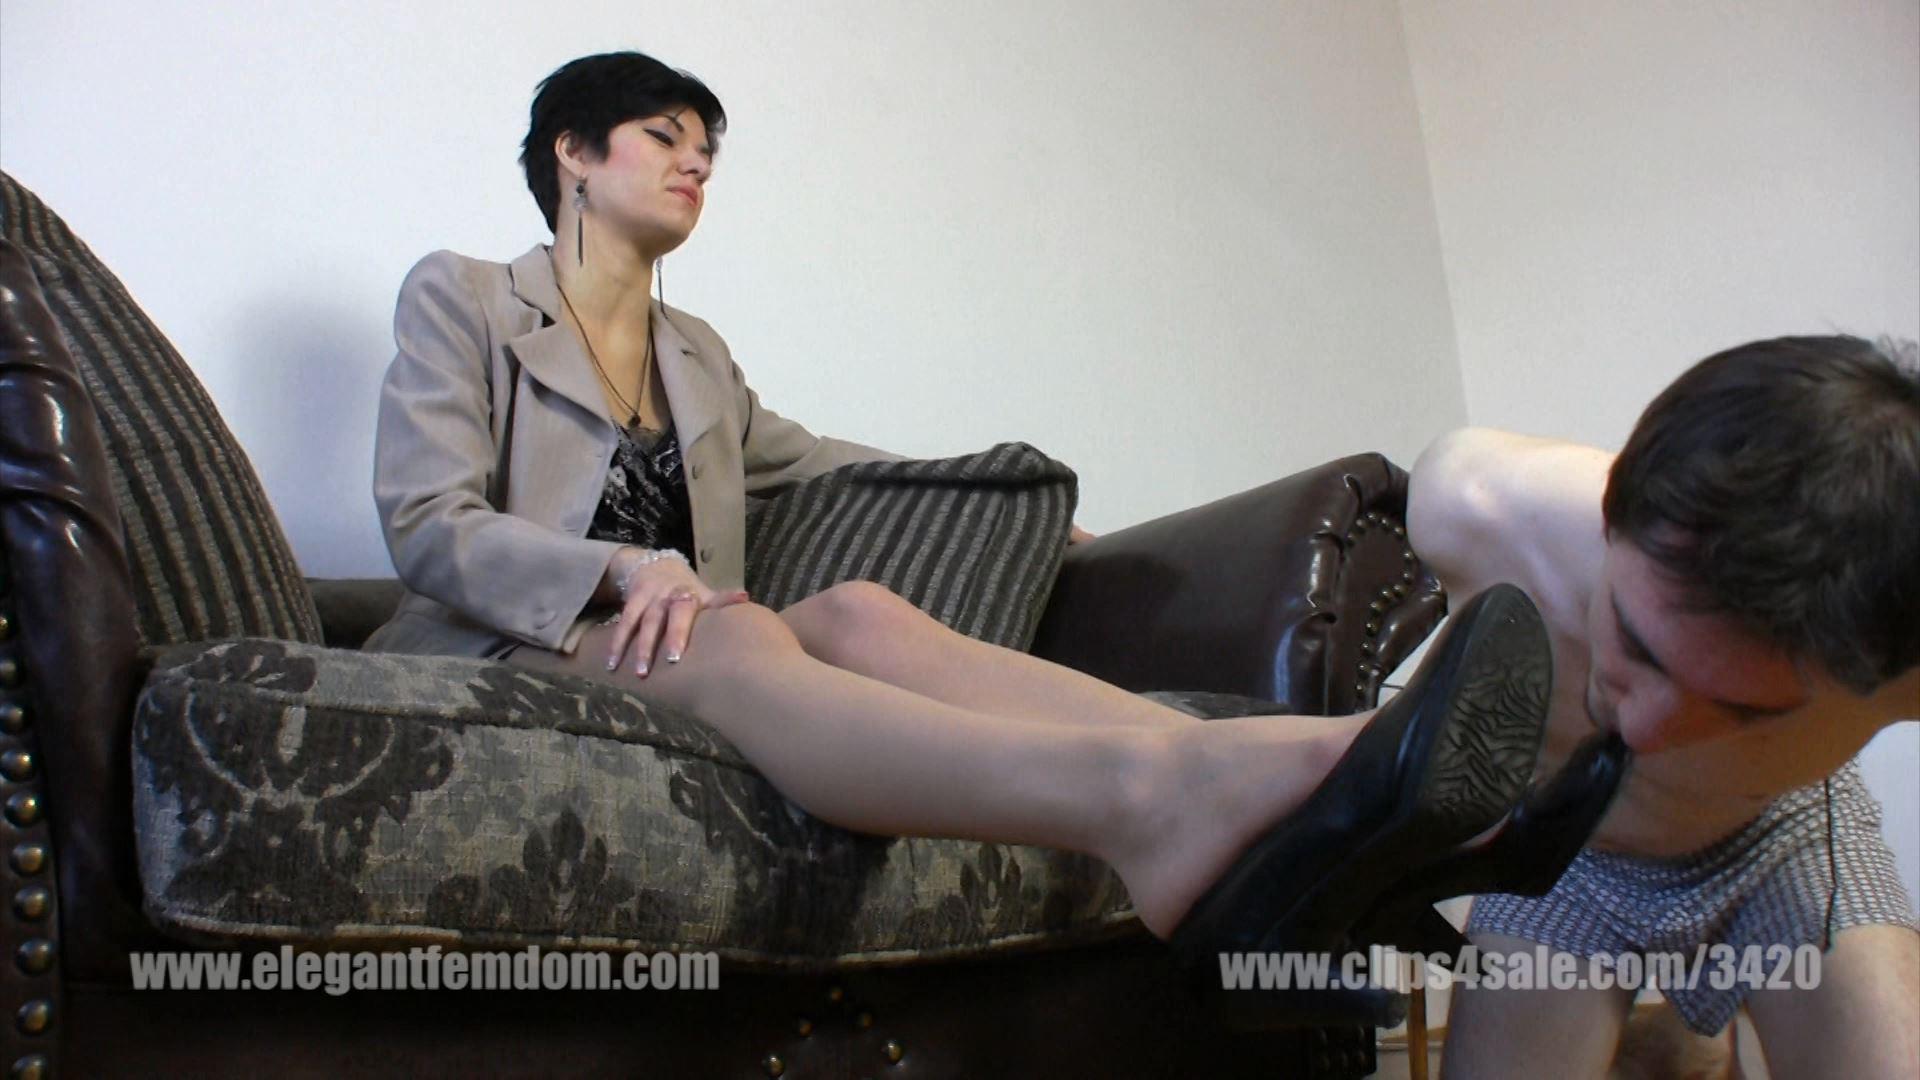 Roxanne arrives in elegant business dress - ELEGANTFEMDOM - FULL HD/1080p/MP4